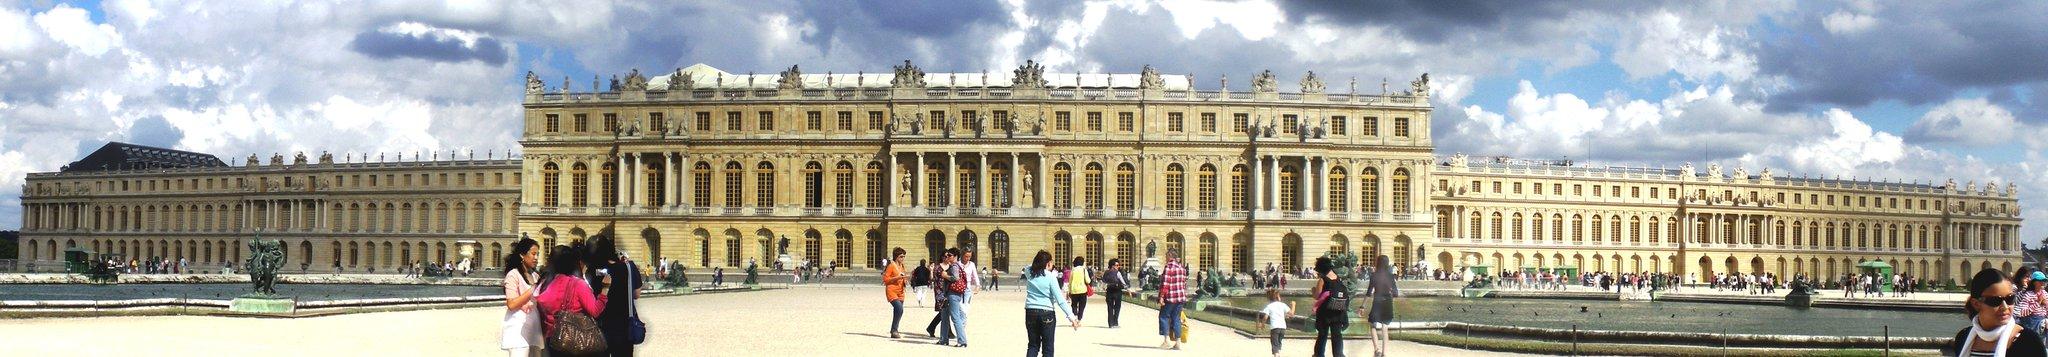 Fasadaogrodowa pałacu królewskiego wWersalu. Fasadaogrodowa pałacu królewskiego wWersalu. Źródło: Samuli Suomi, Wikimedia Commons, licencja: CC BY-SA 3.0.